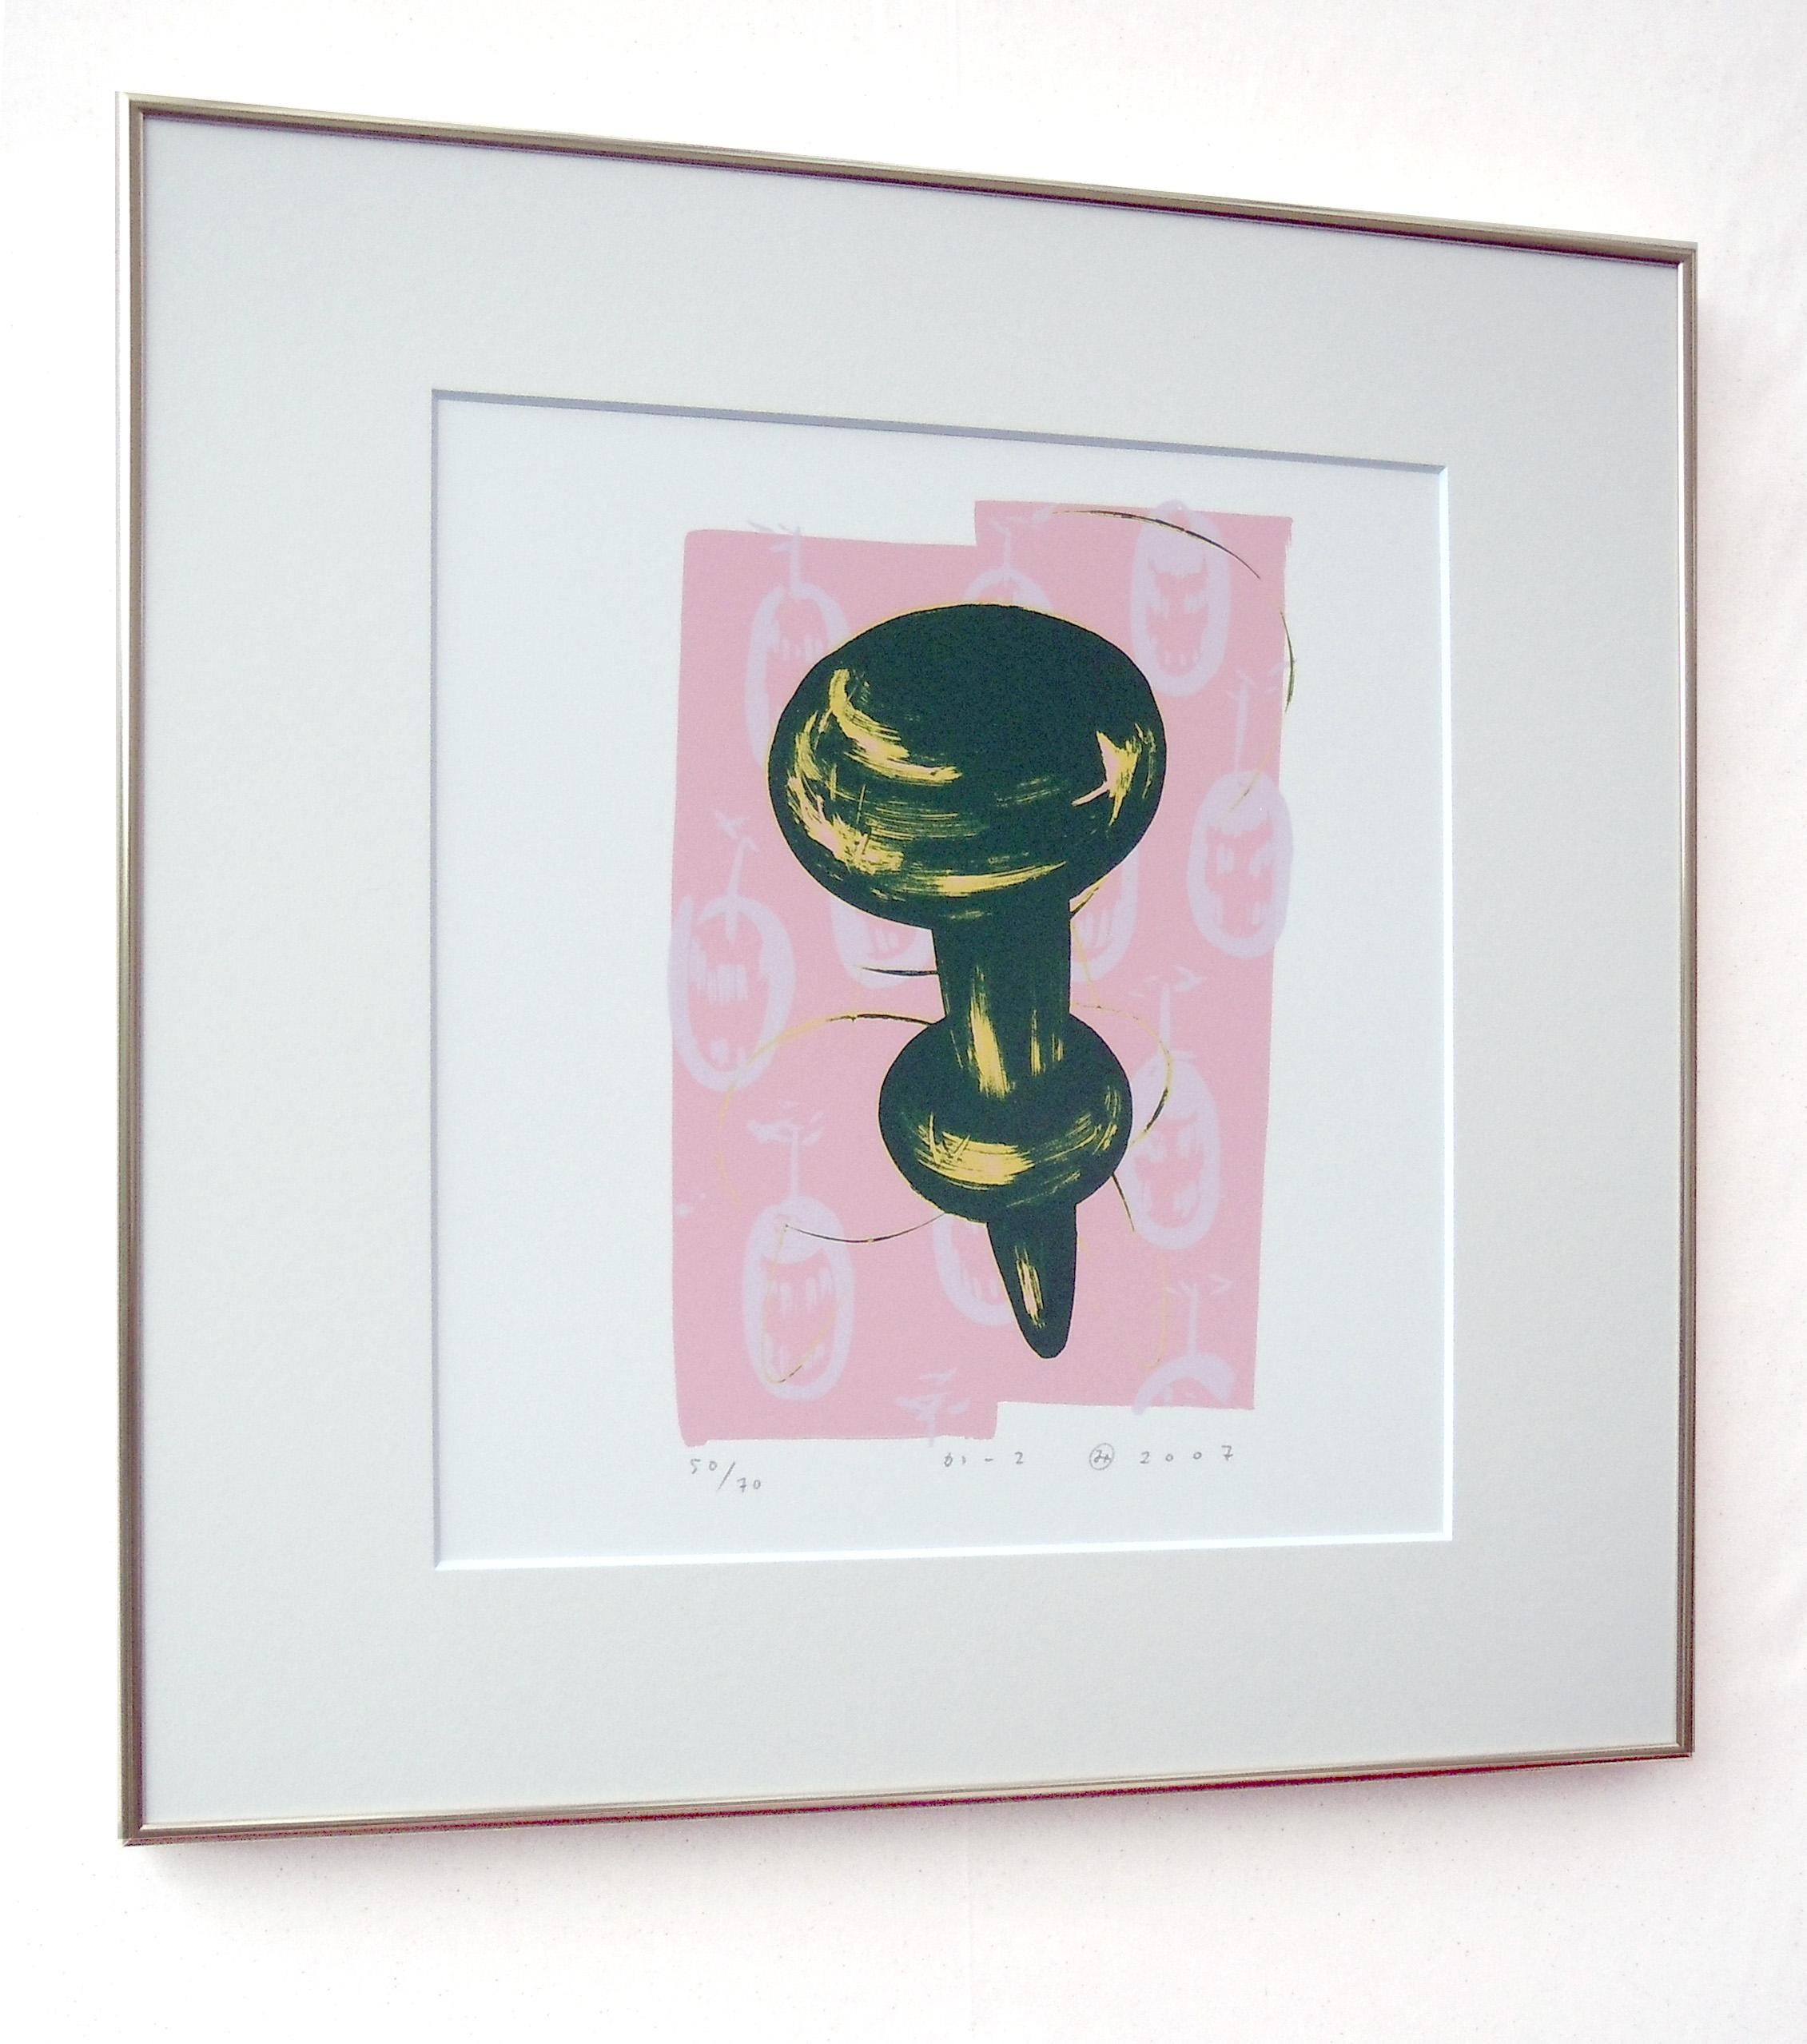 【著名アーティストシルクスクリーン版画作品】吉澤美香「かー2」(ちびあめばちのまゆ)